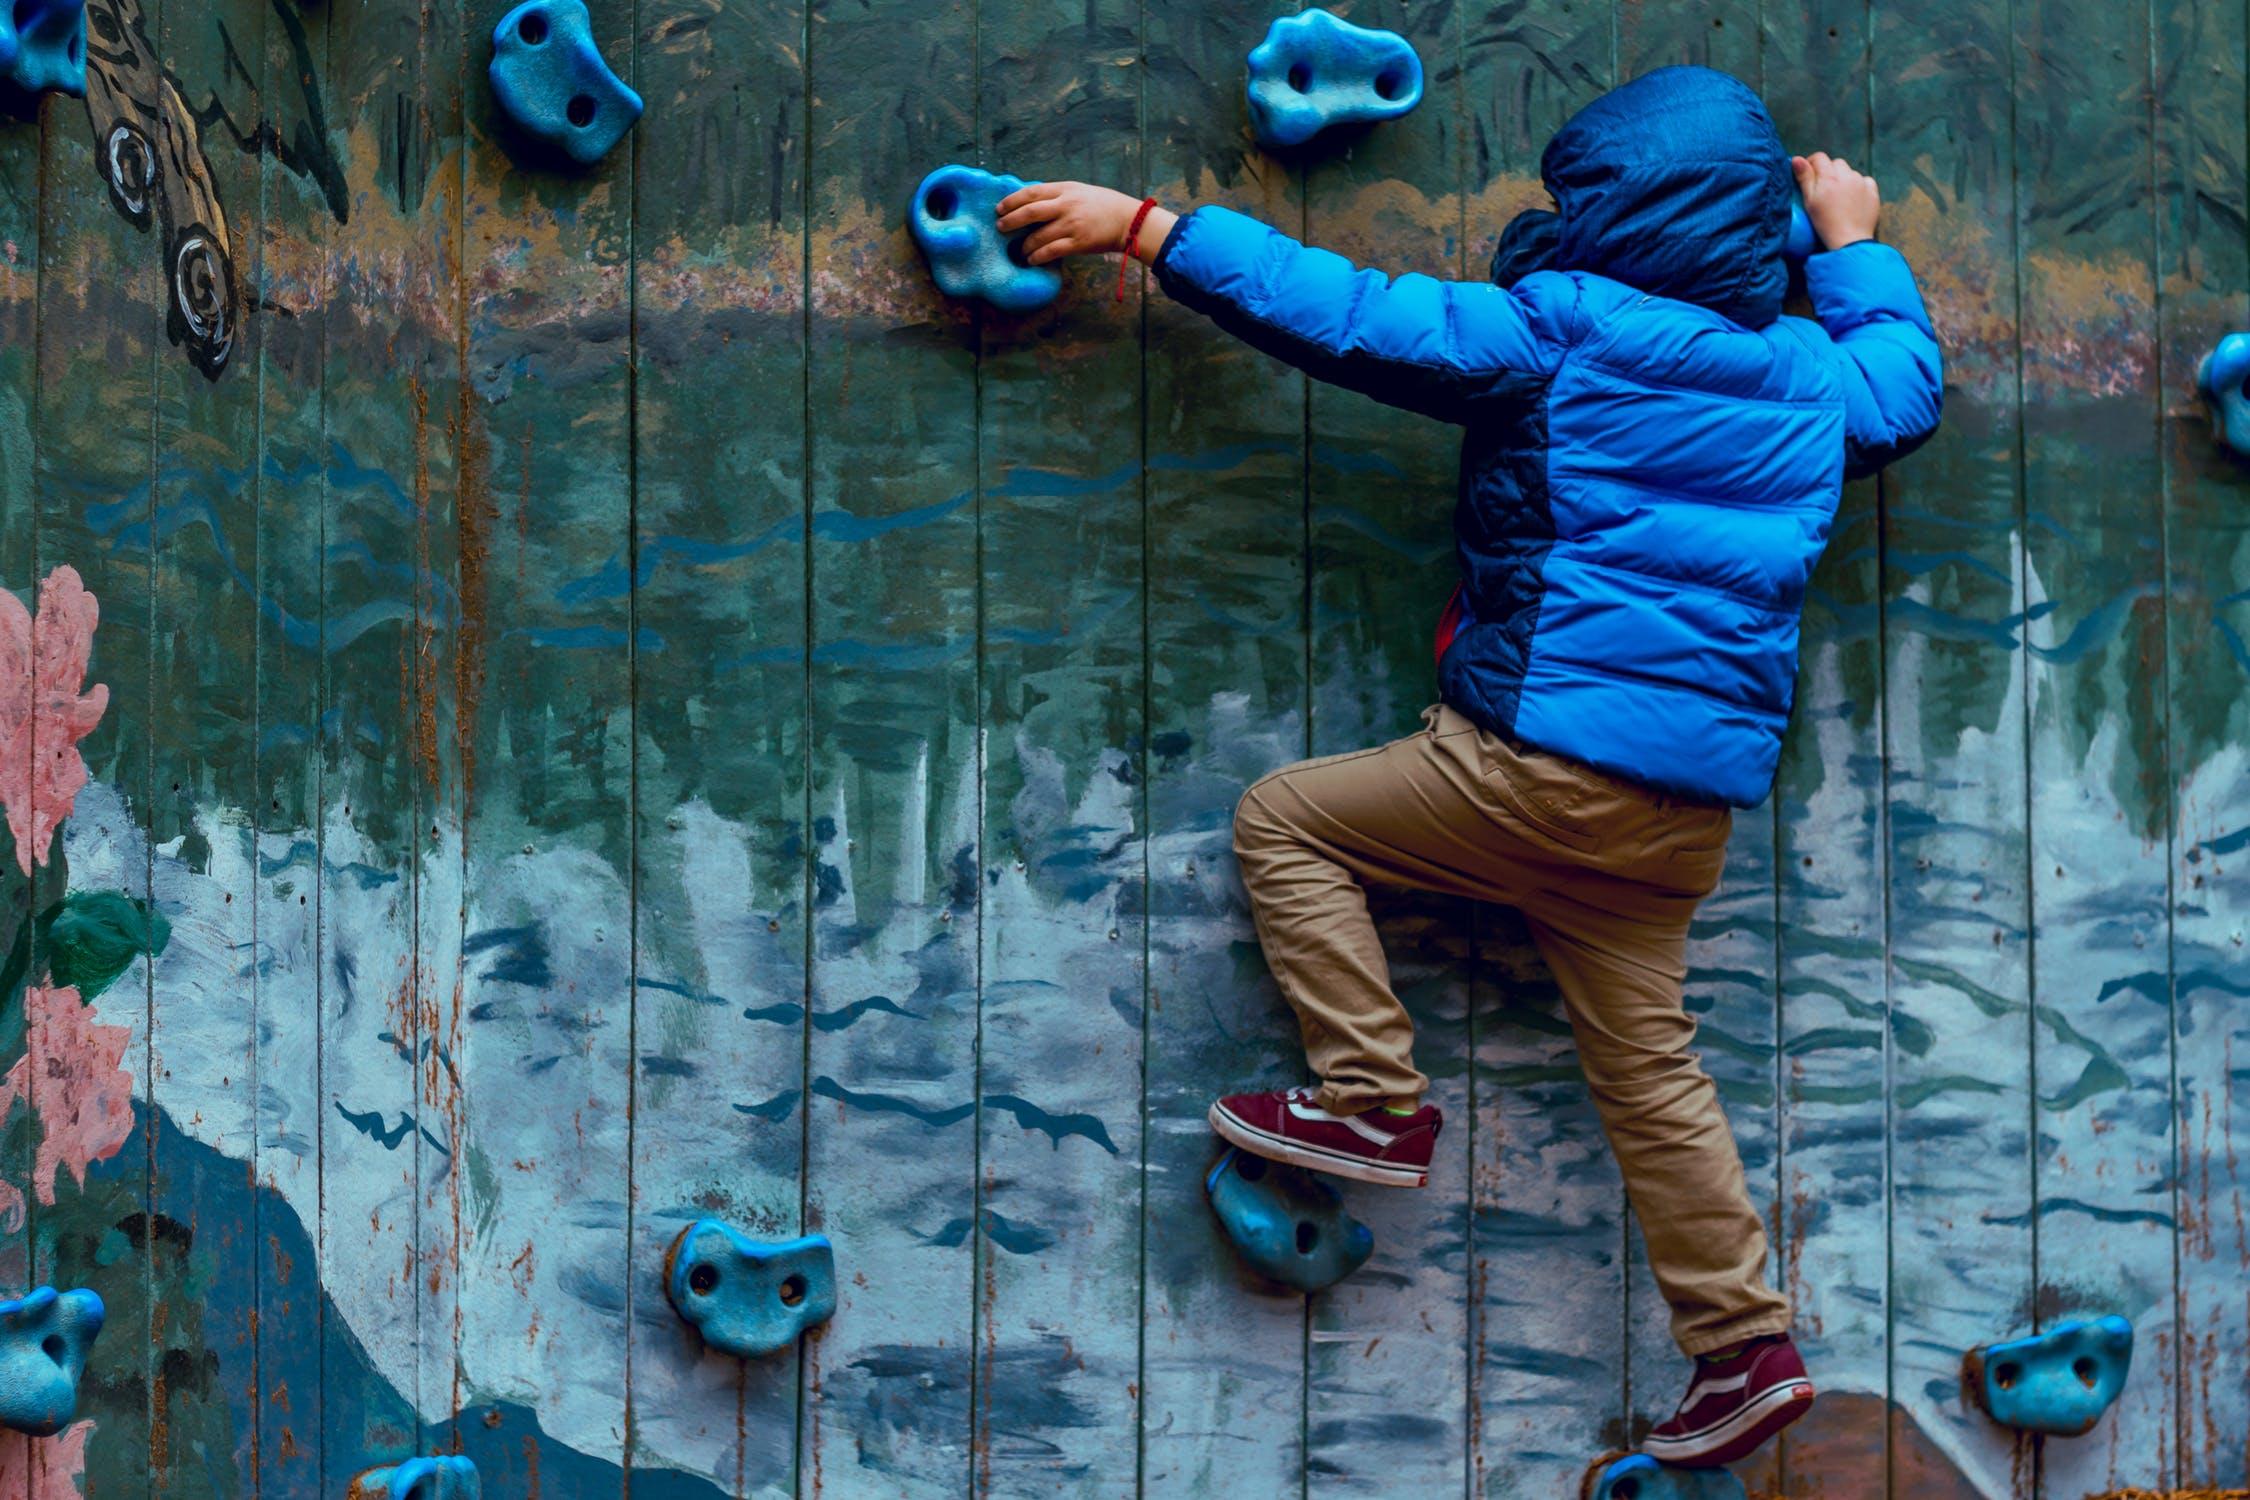 Barn klatre